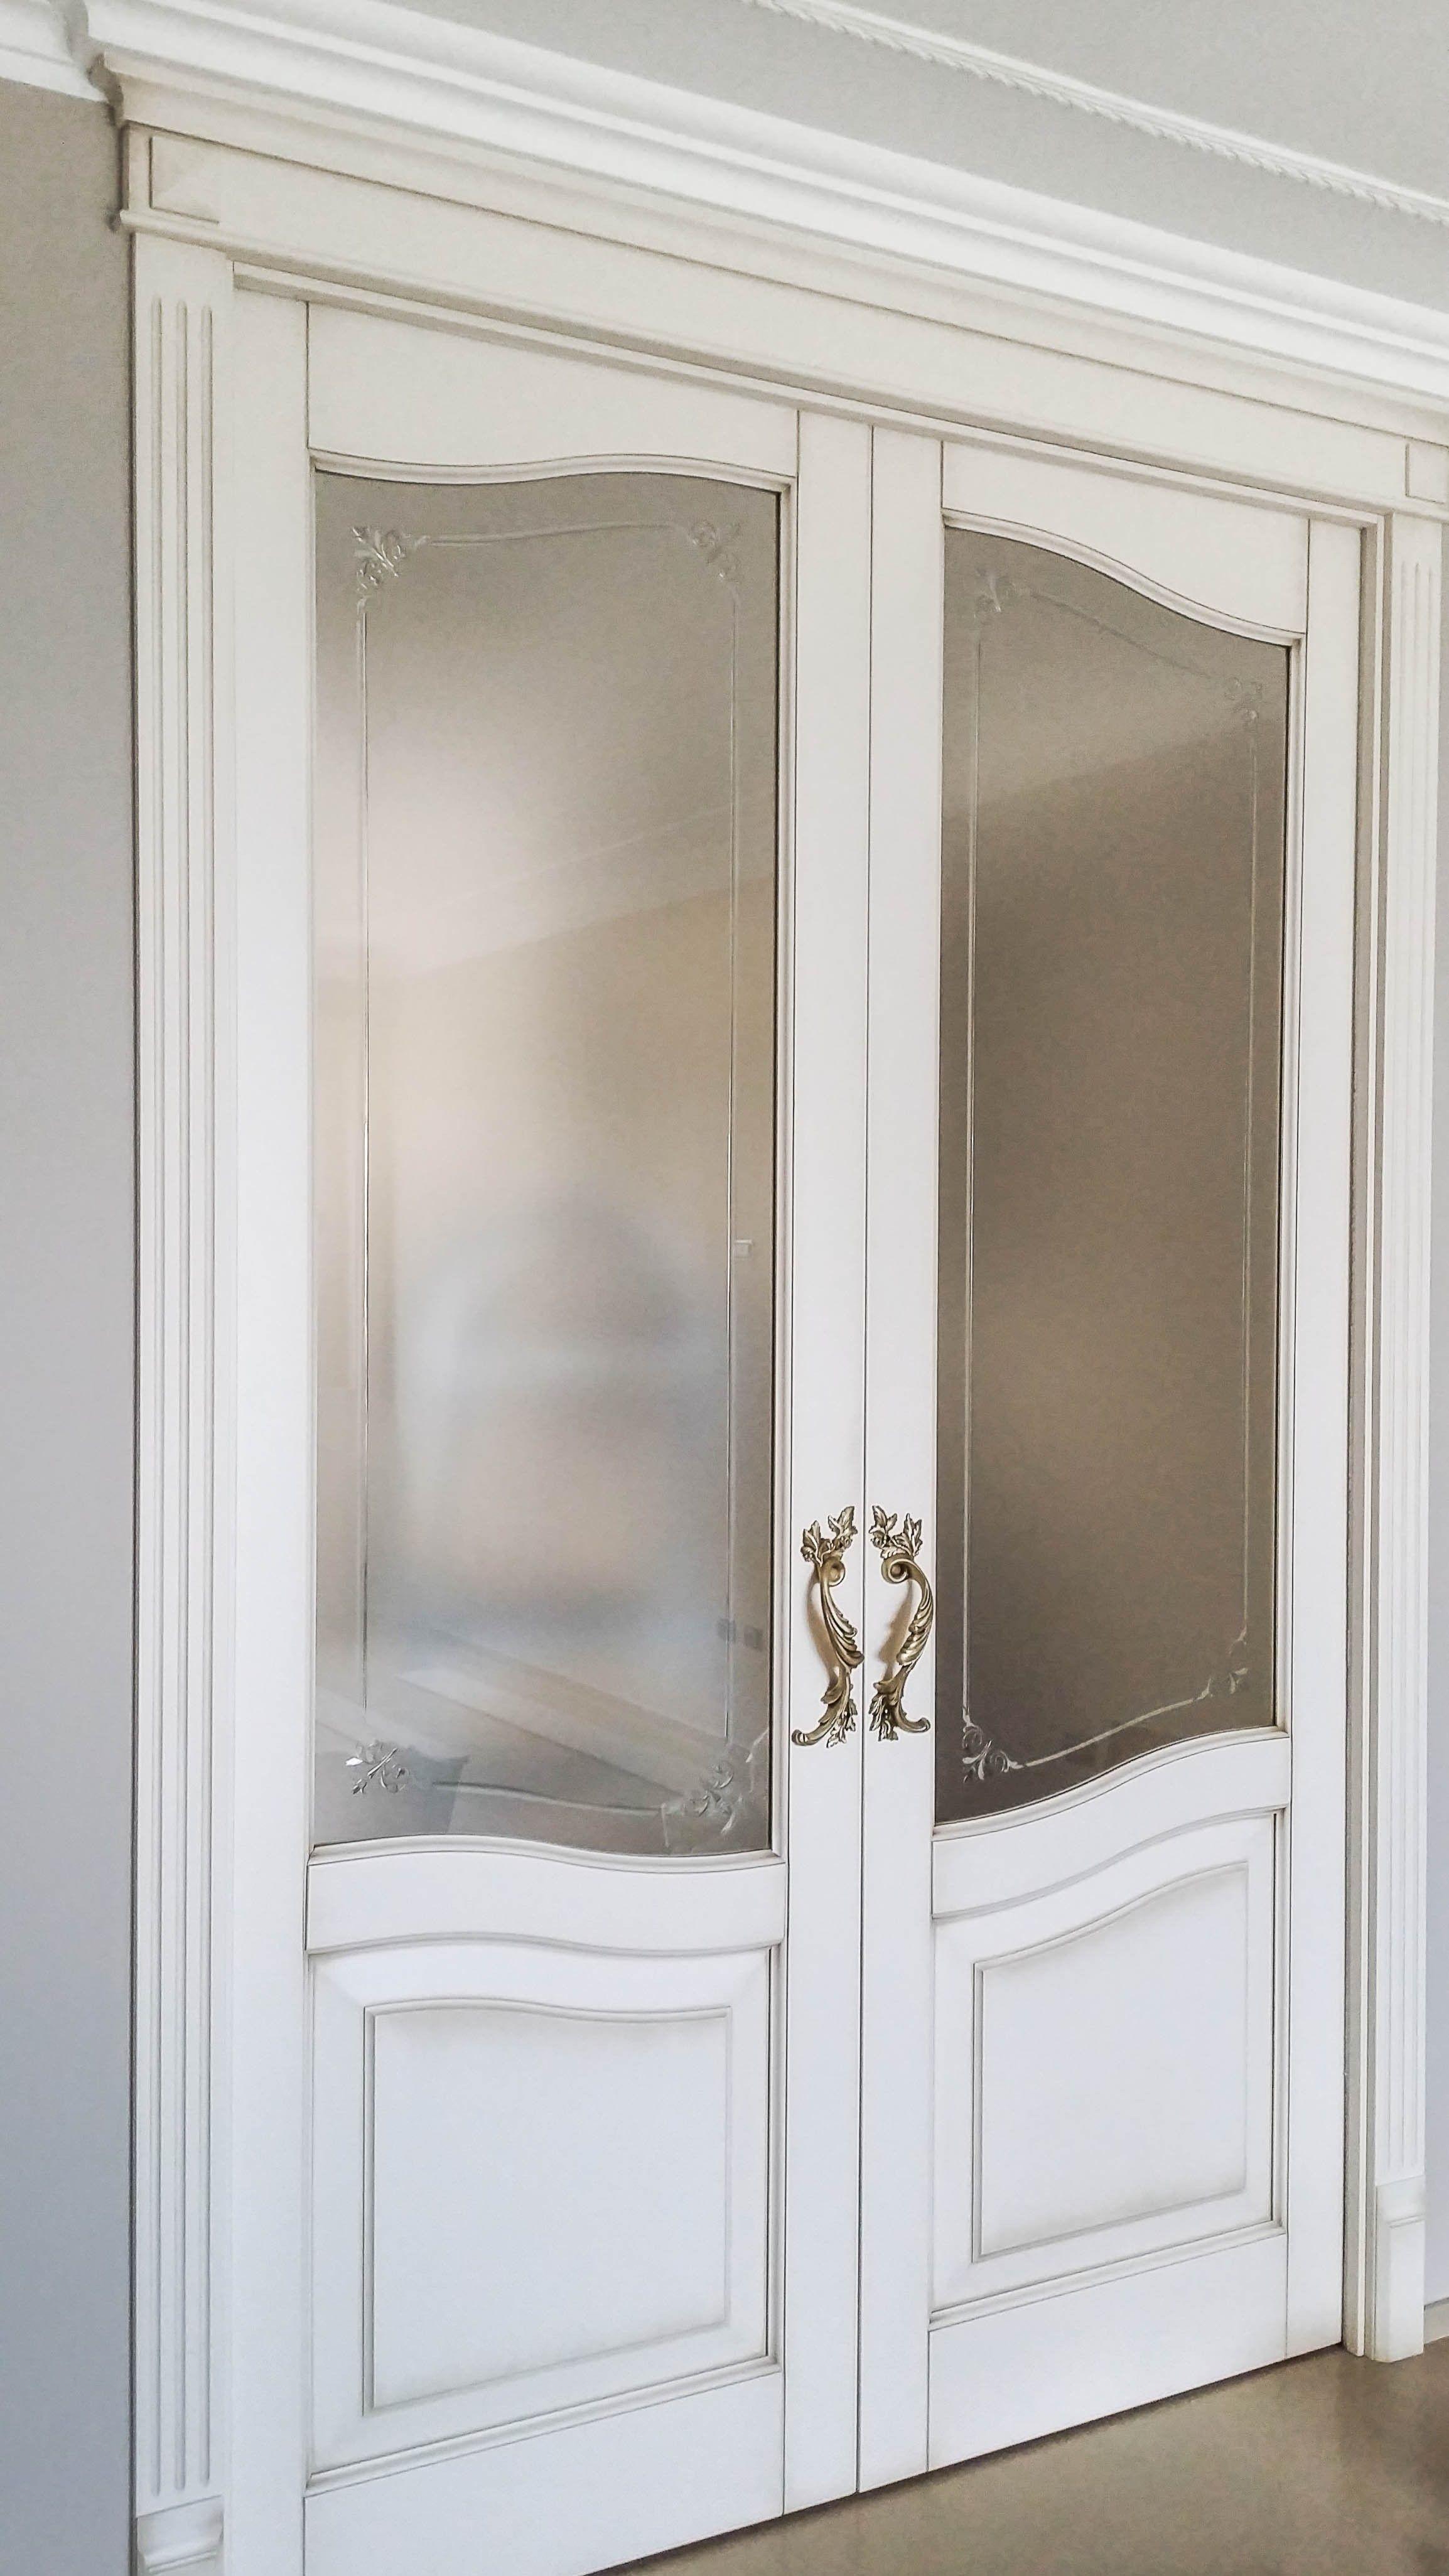 Porta A Due Ante Con Vetro.Vetri Decorati Per Porte Interne Moderne Migliore Ispirazione Per